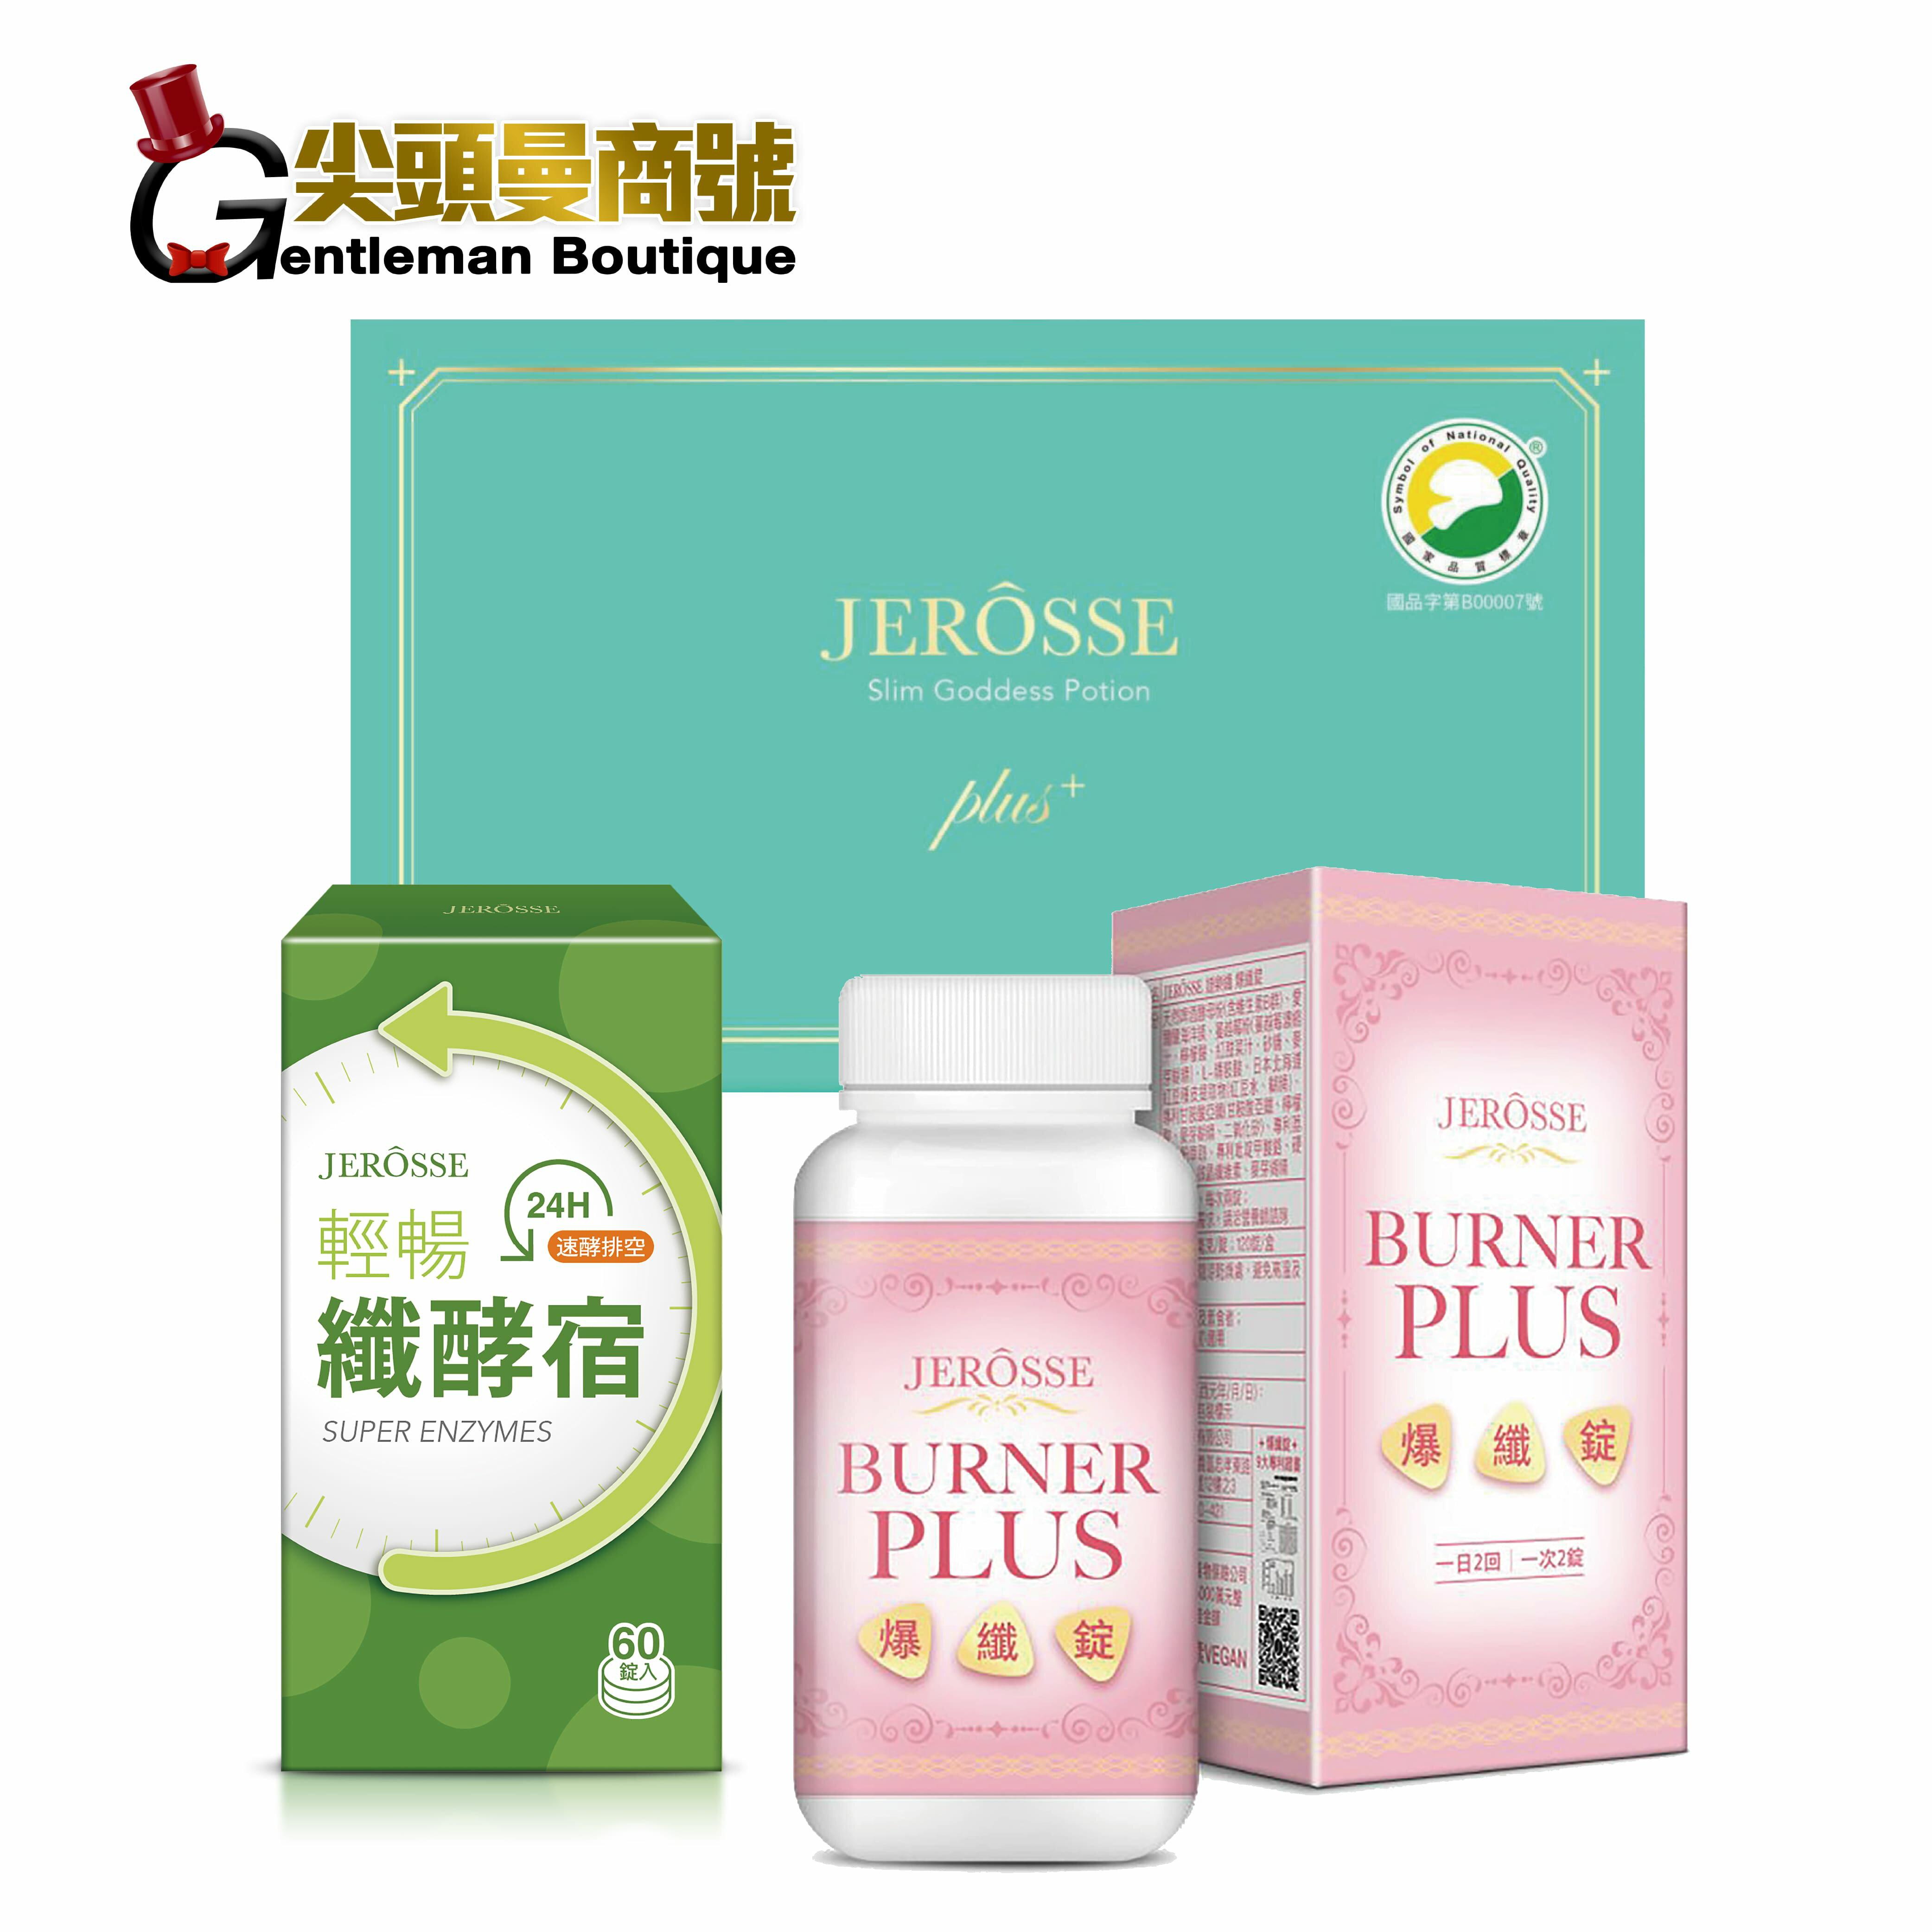 【三纖體驗組】JEROSSE 婕樂纖 纖纖飲Plus1盒+ 爆纖錠1瓶+ 纖酵宿1盒 不適用折扣碼折價券 0